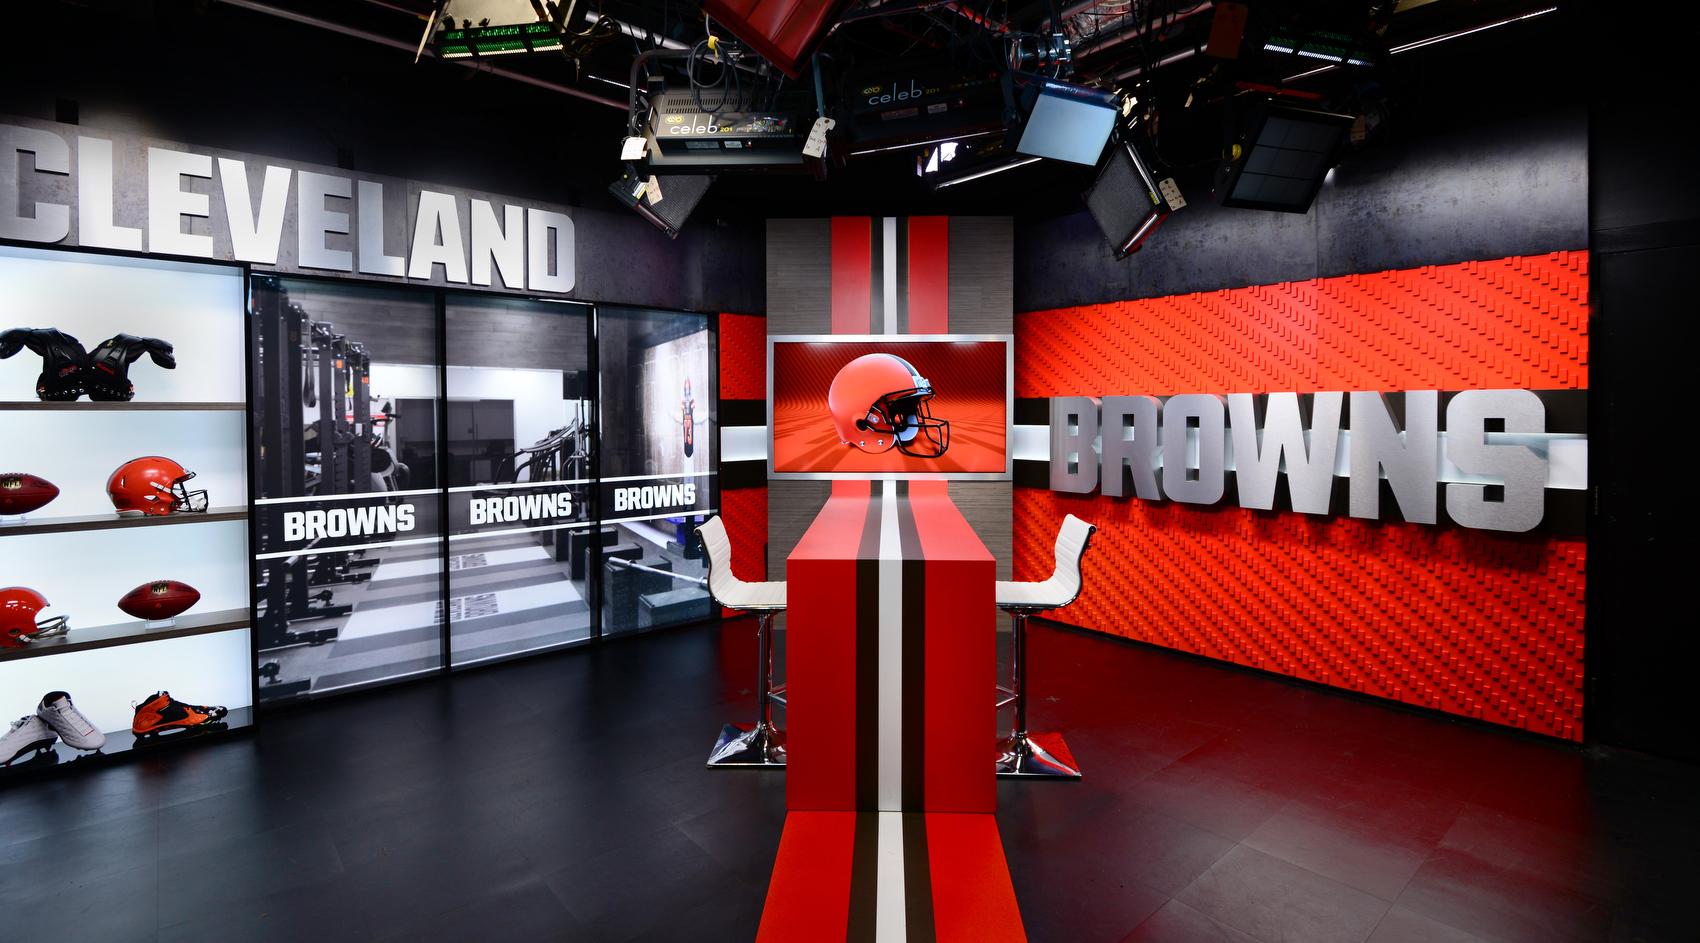 NCS_NFL_Cleveland-Browns_TV-Studio_0001